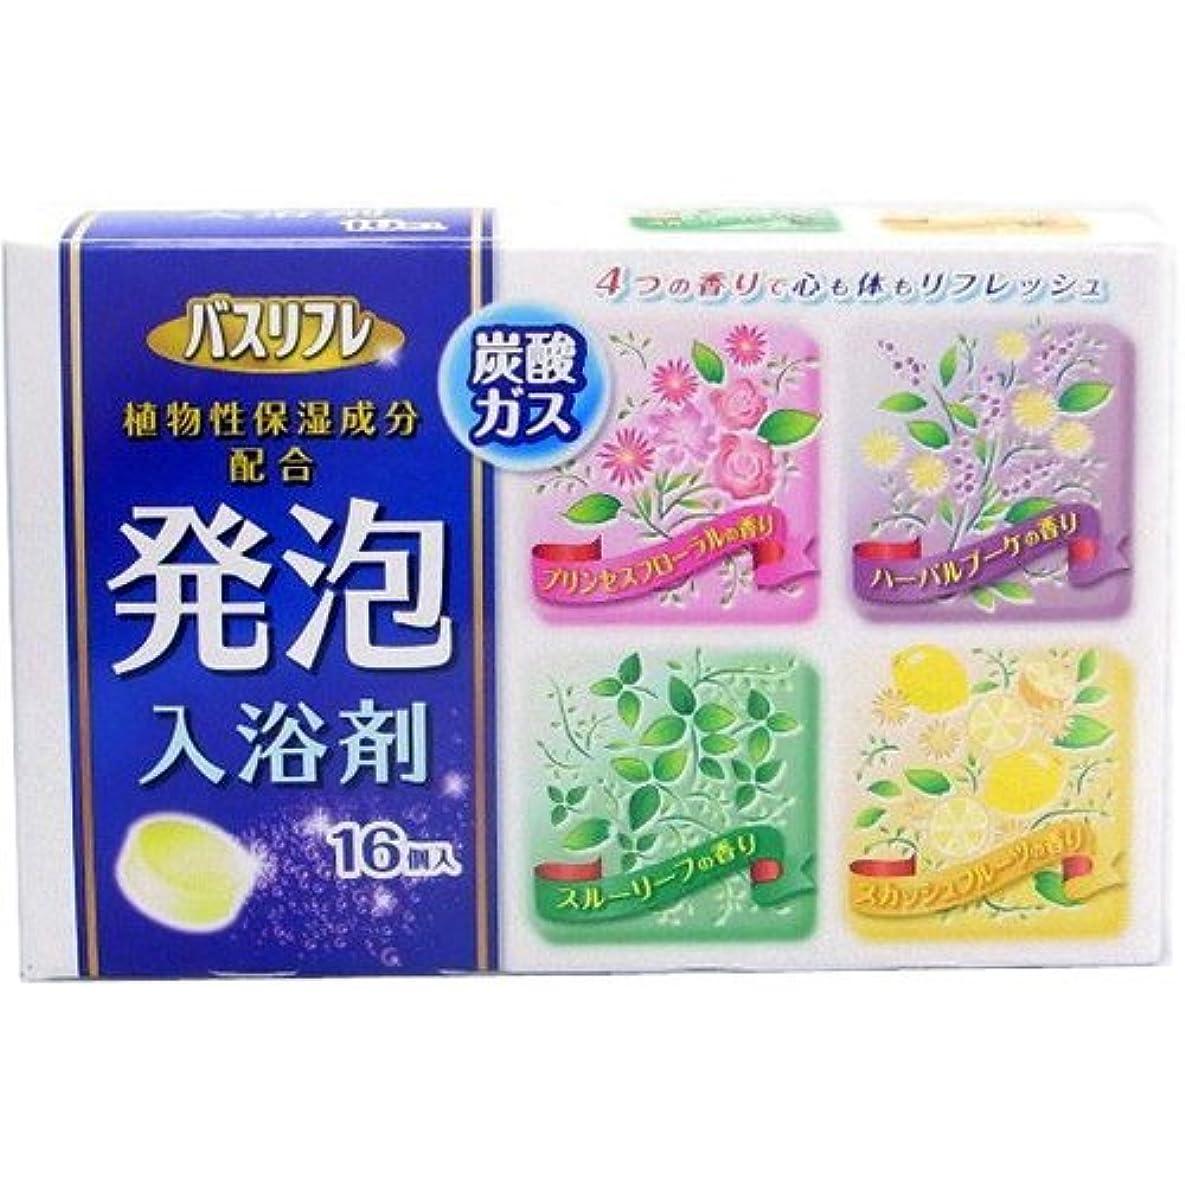 勝利泣くレーザバスリフレ 薬用発泡入浴剤 16錠 [医薬部外品] Japan